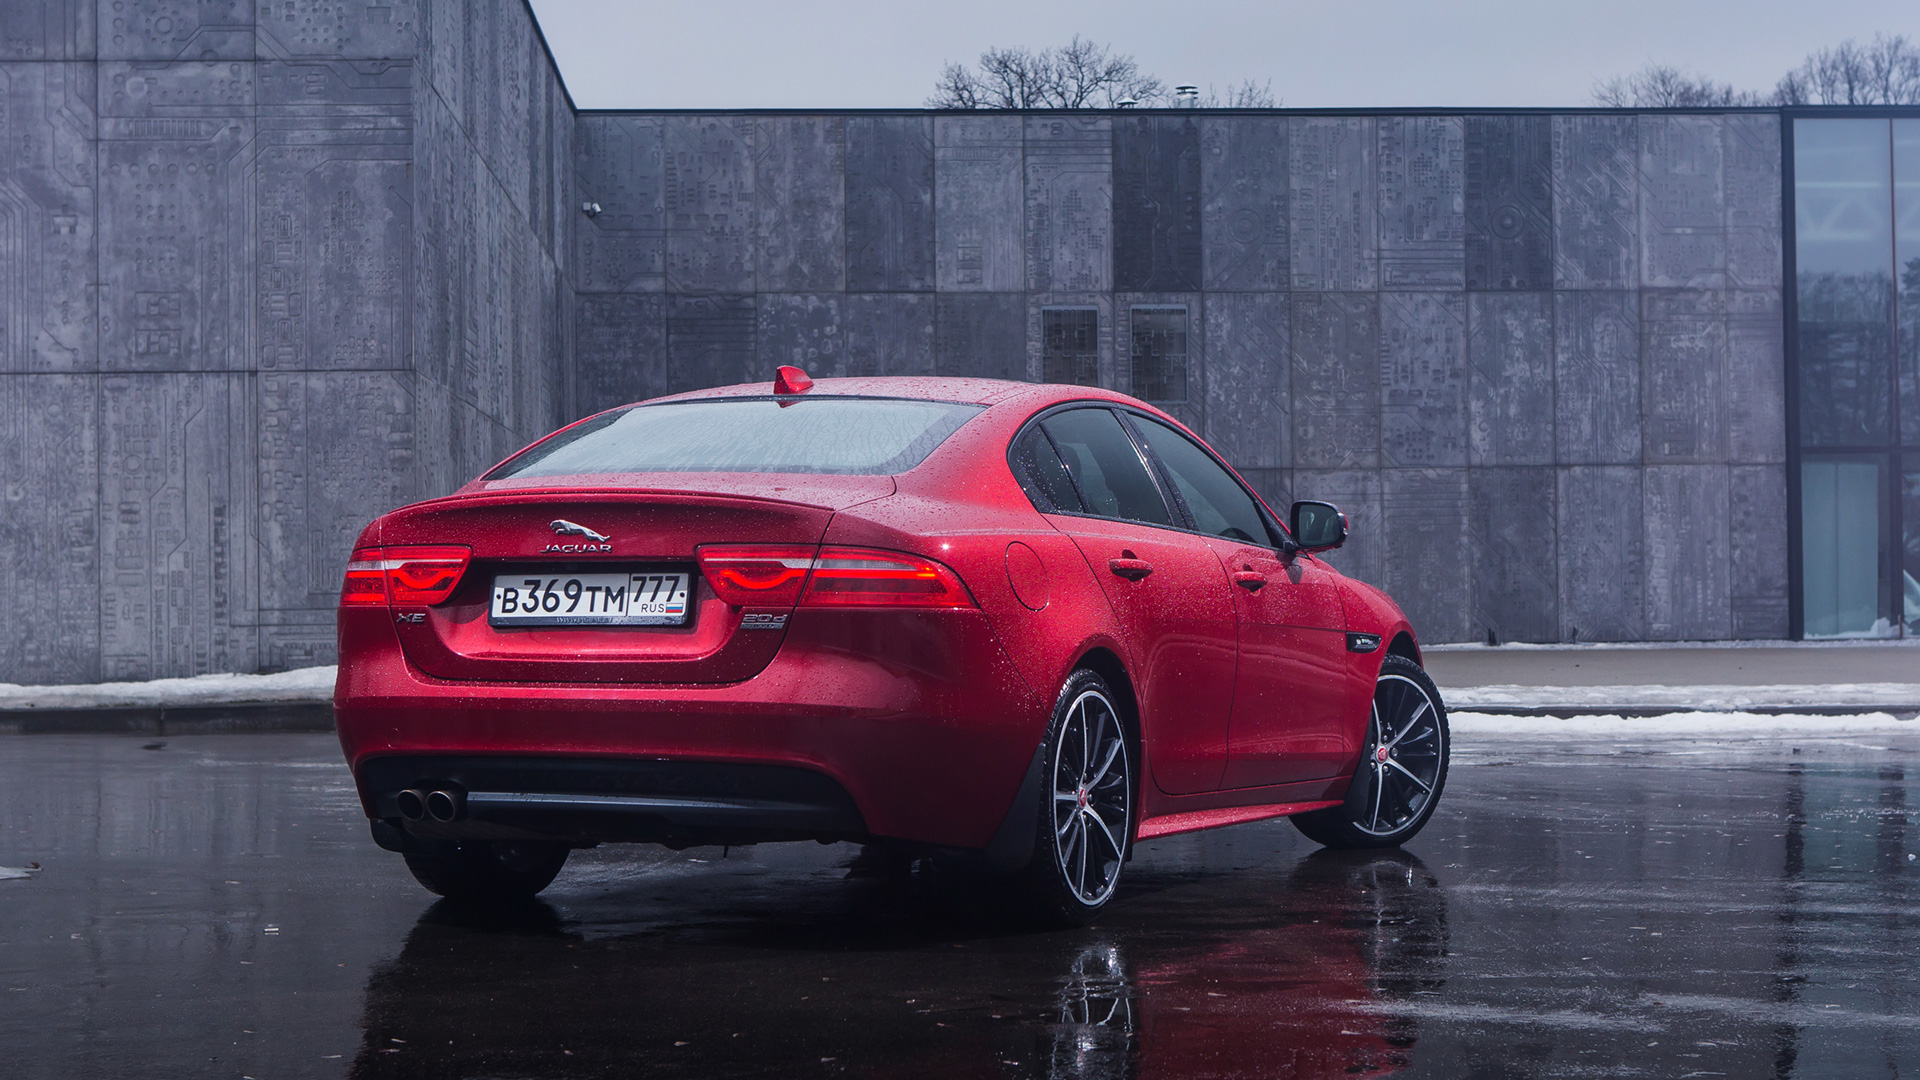 Длительный тест дизельного Jaguar XE: первые впечатления. Фото 2